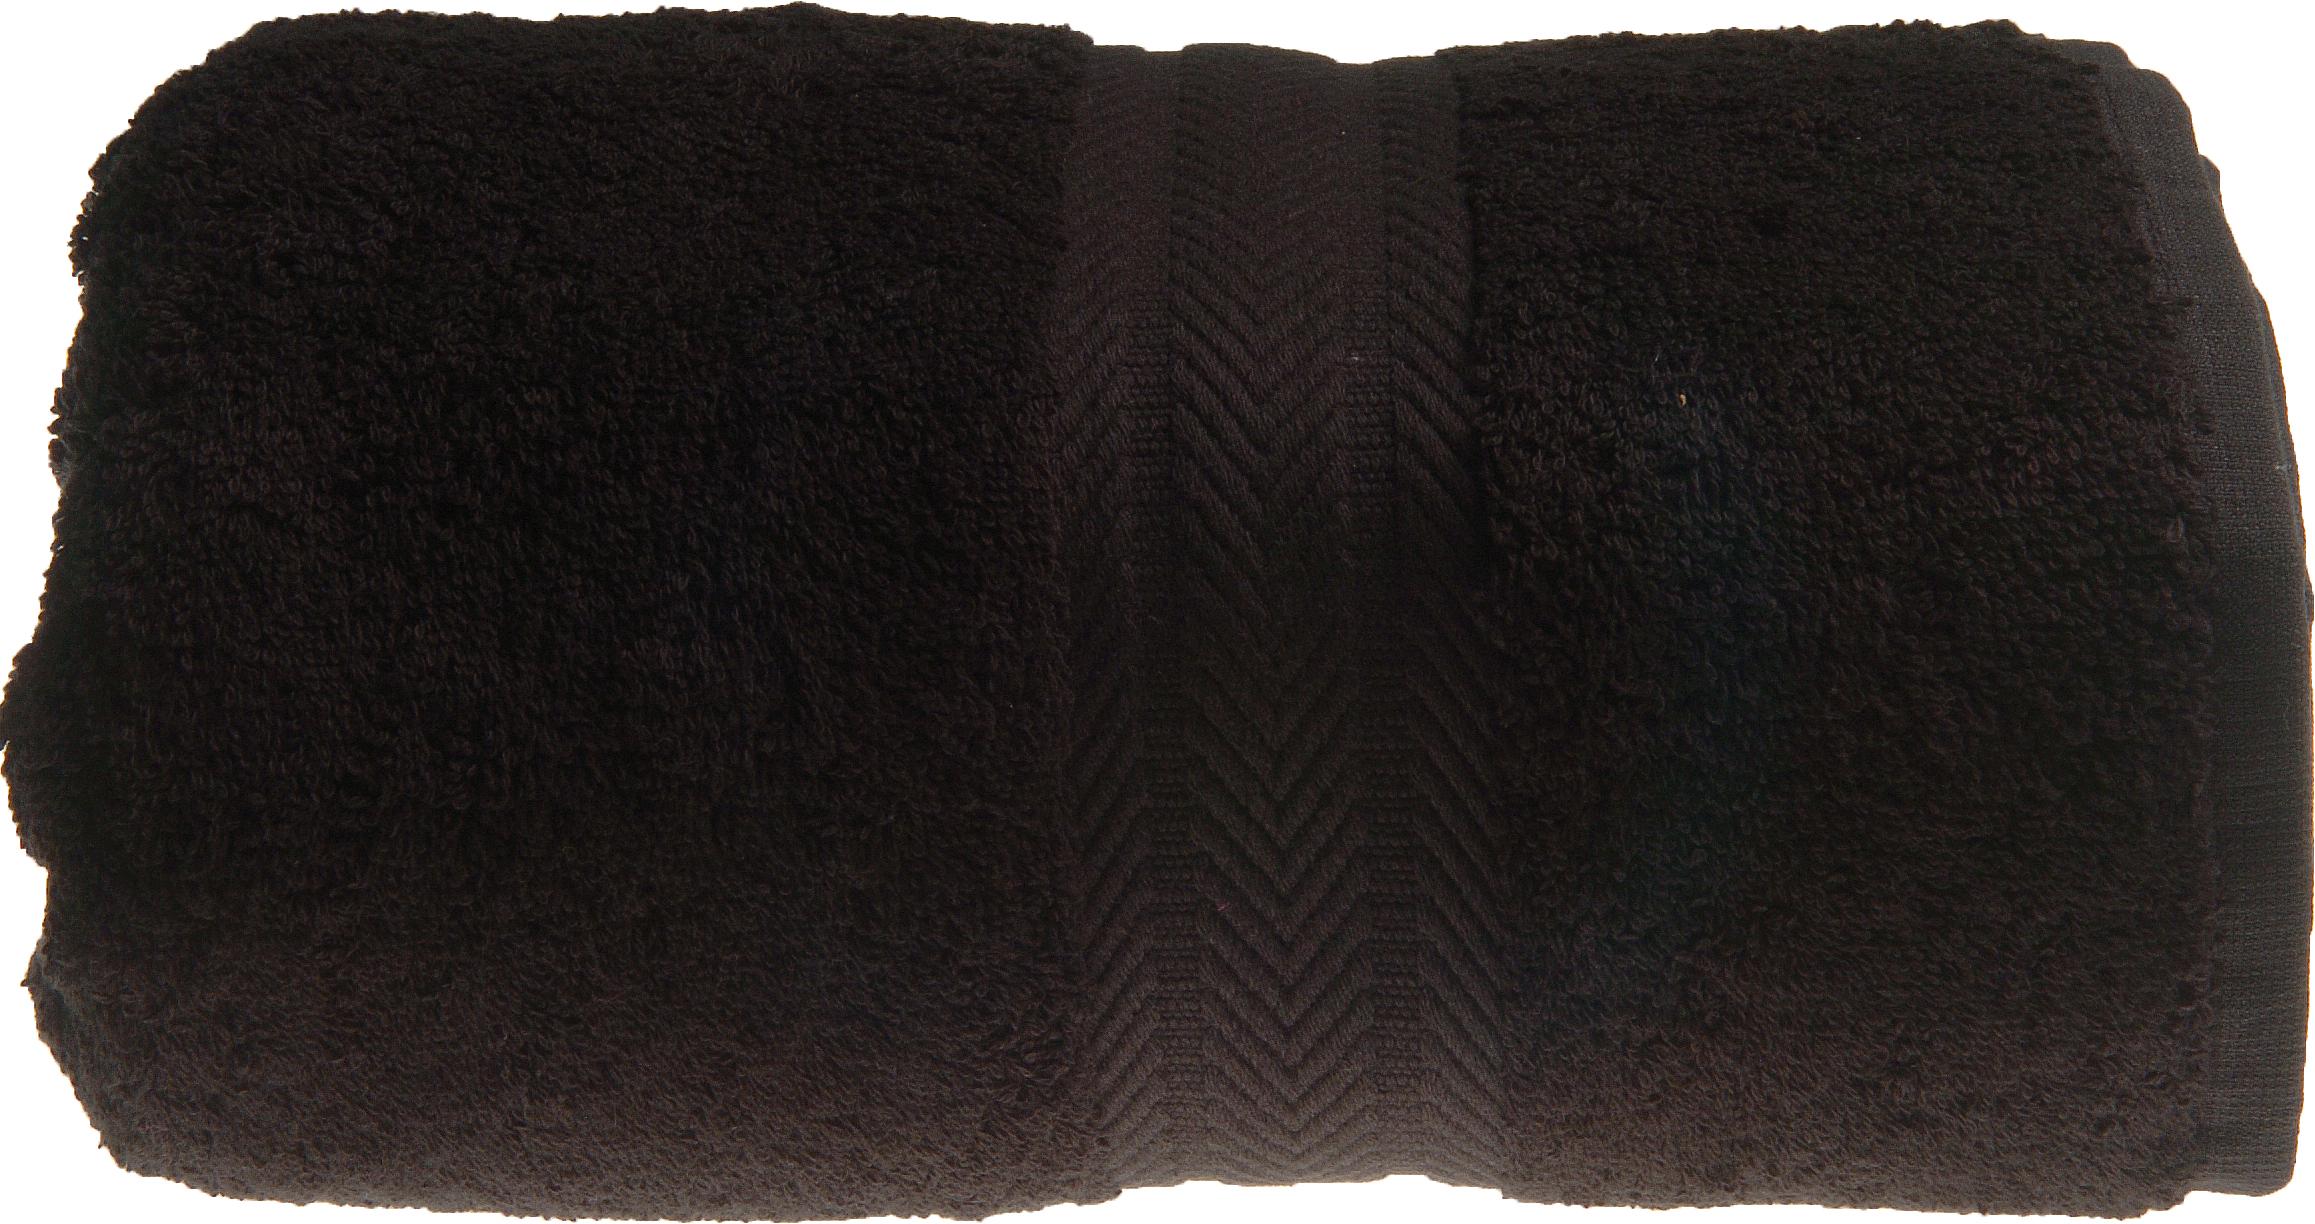 Drap de douche 70 x 140 cm en Coton couleur Noir (Noir)